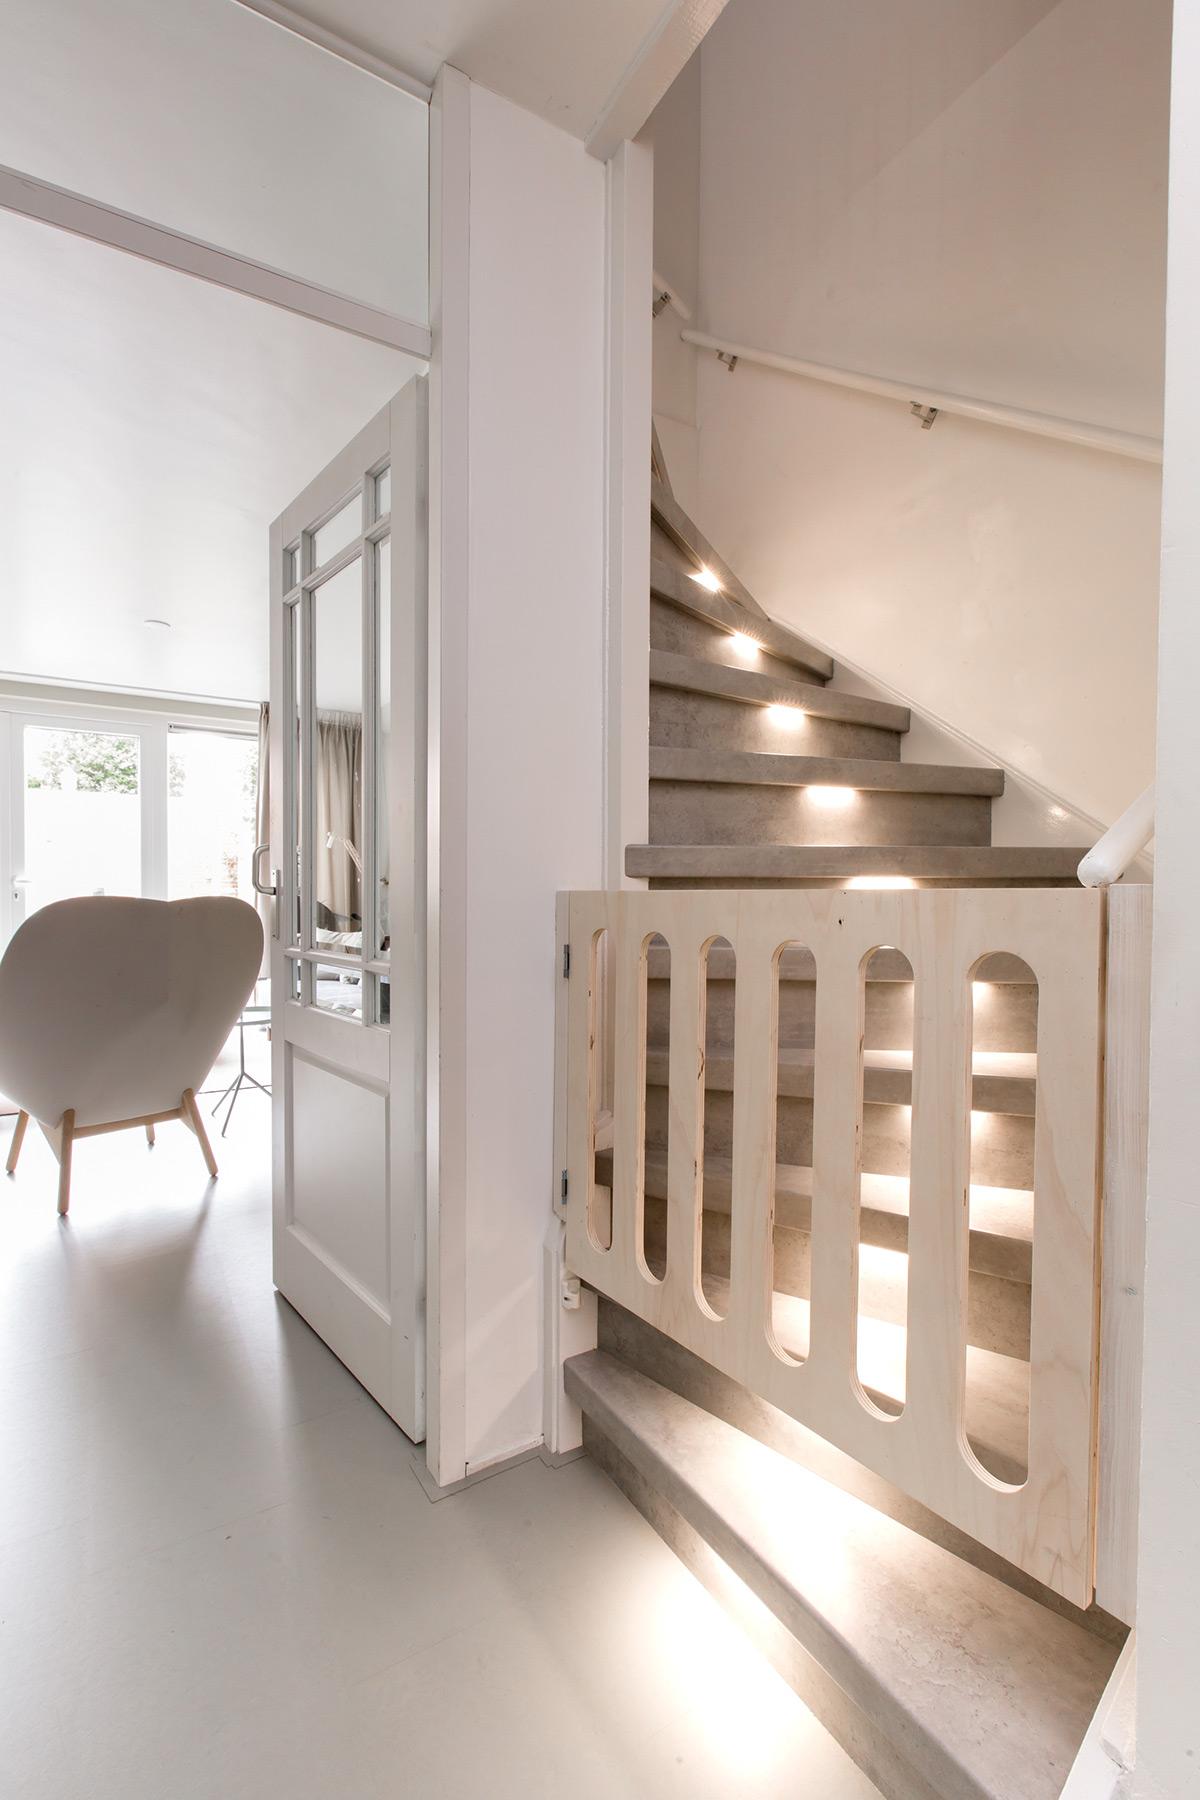 kindvriendelijke trap Upstairs